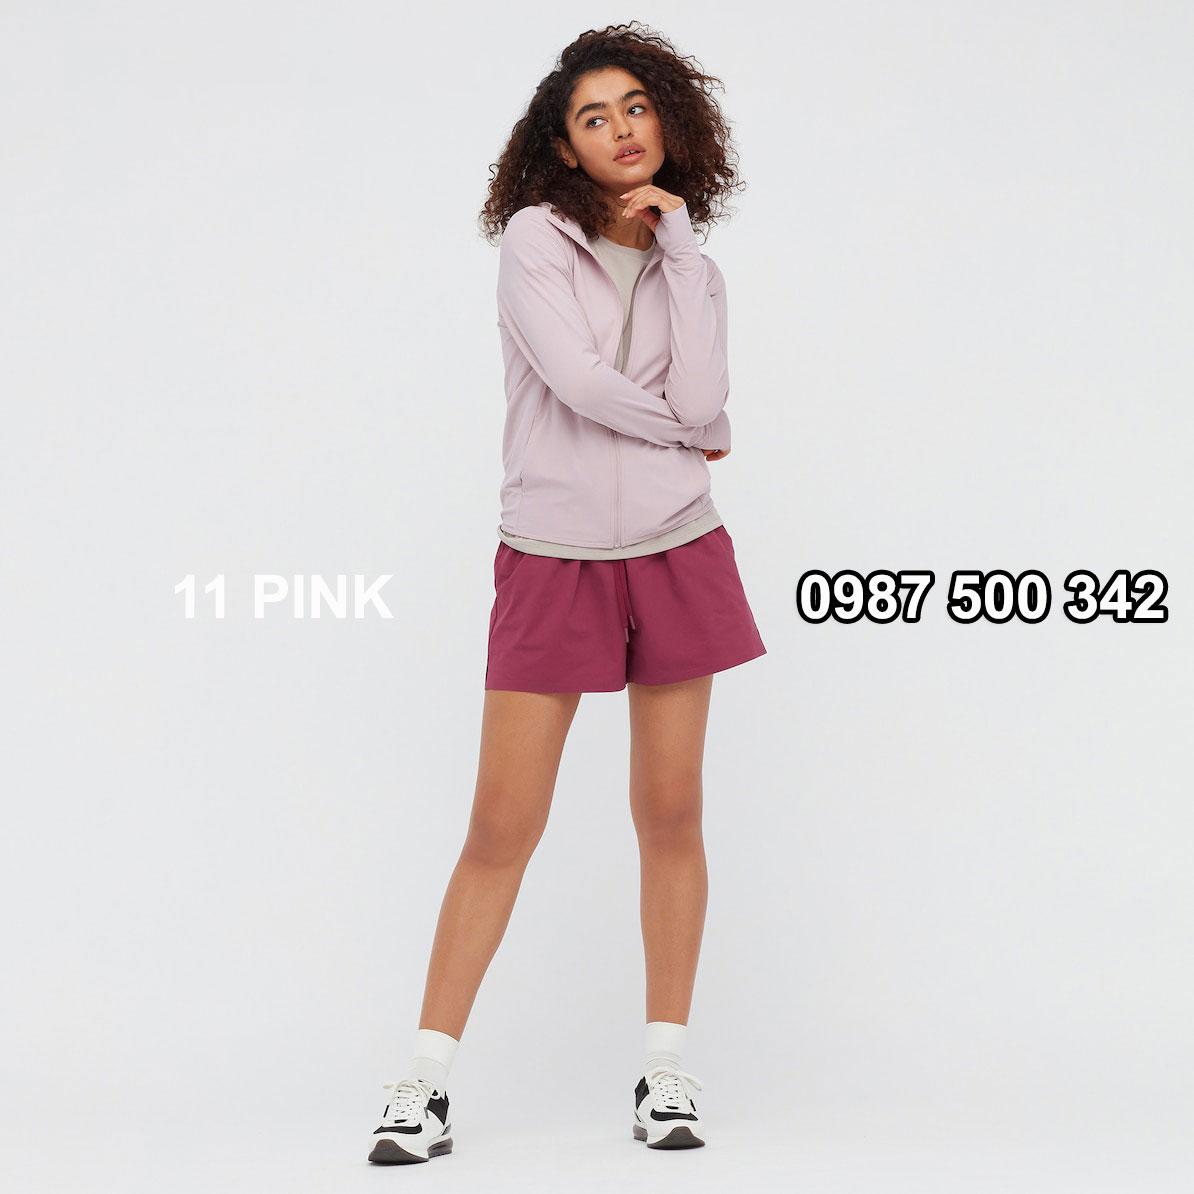 Áo chống nắng nữ AIRism hoodie chống UV vải mắt lưới mẫu mới 2021 mã 433703 màu hồng nhạt 11 PINK